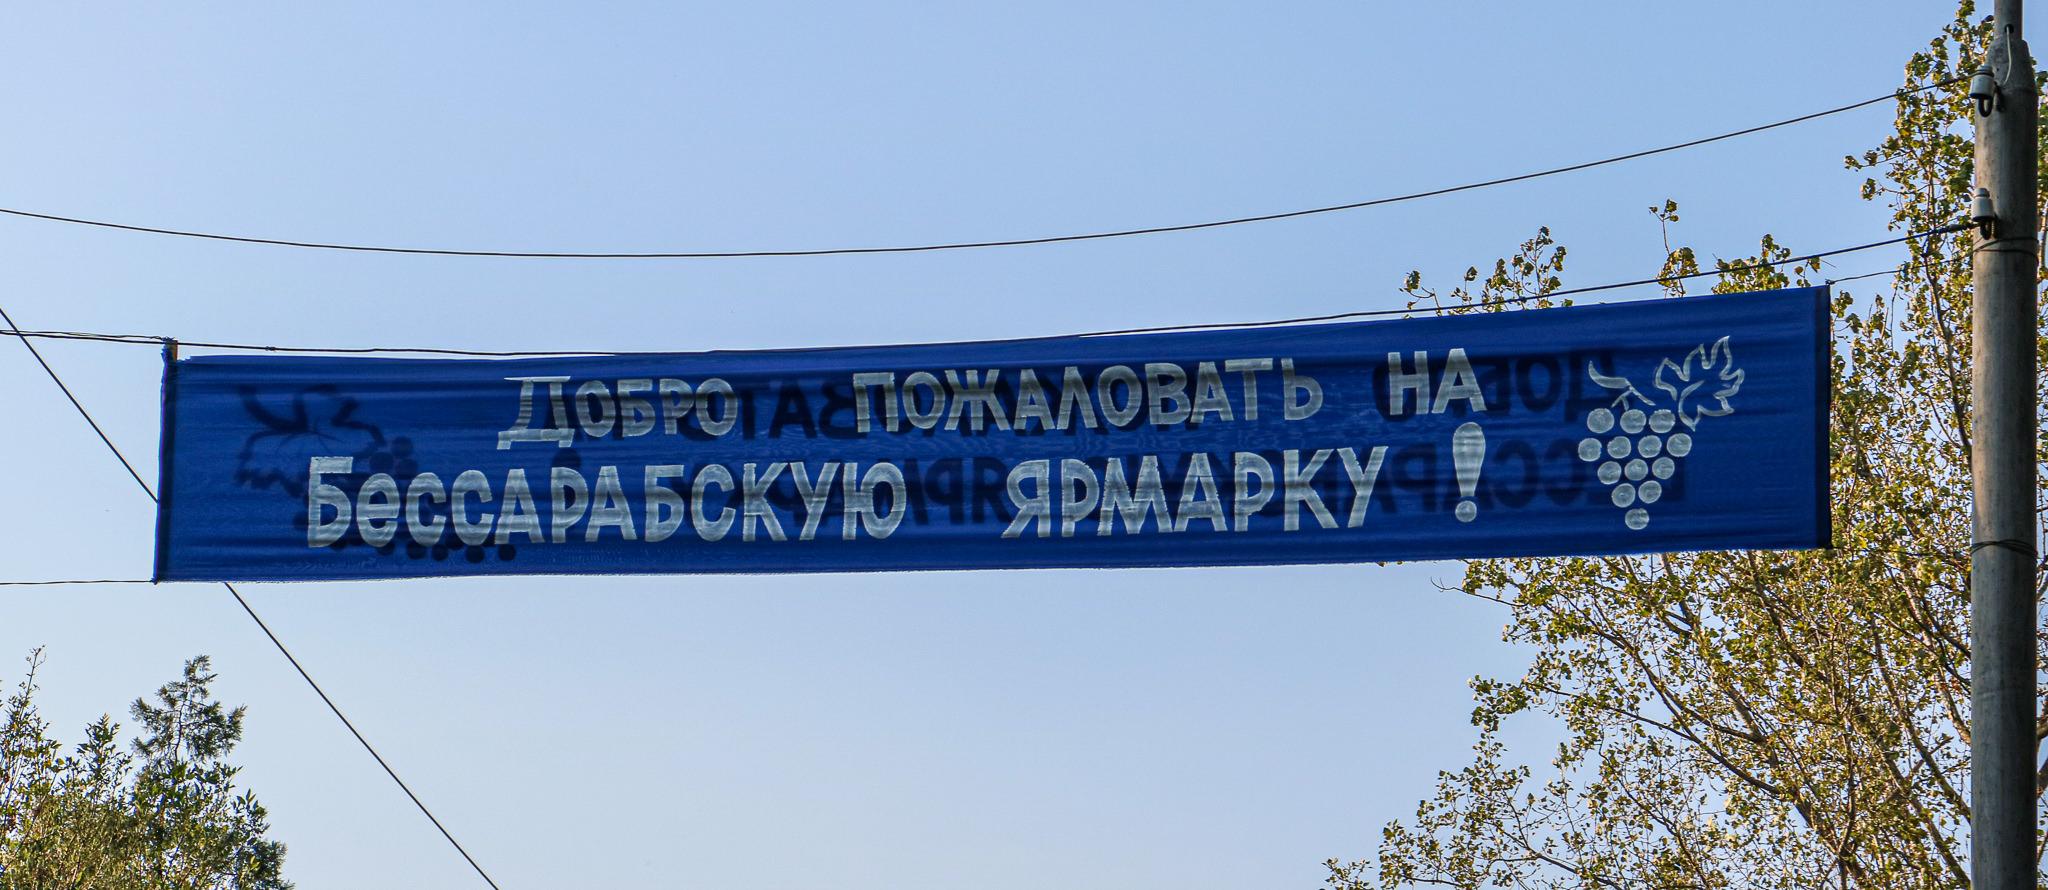 Herzlich willkommen auf dem Bessarabien-Markt!